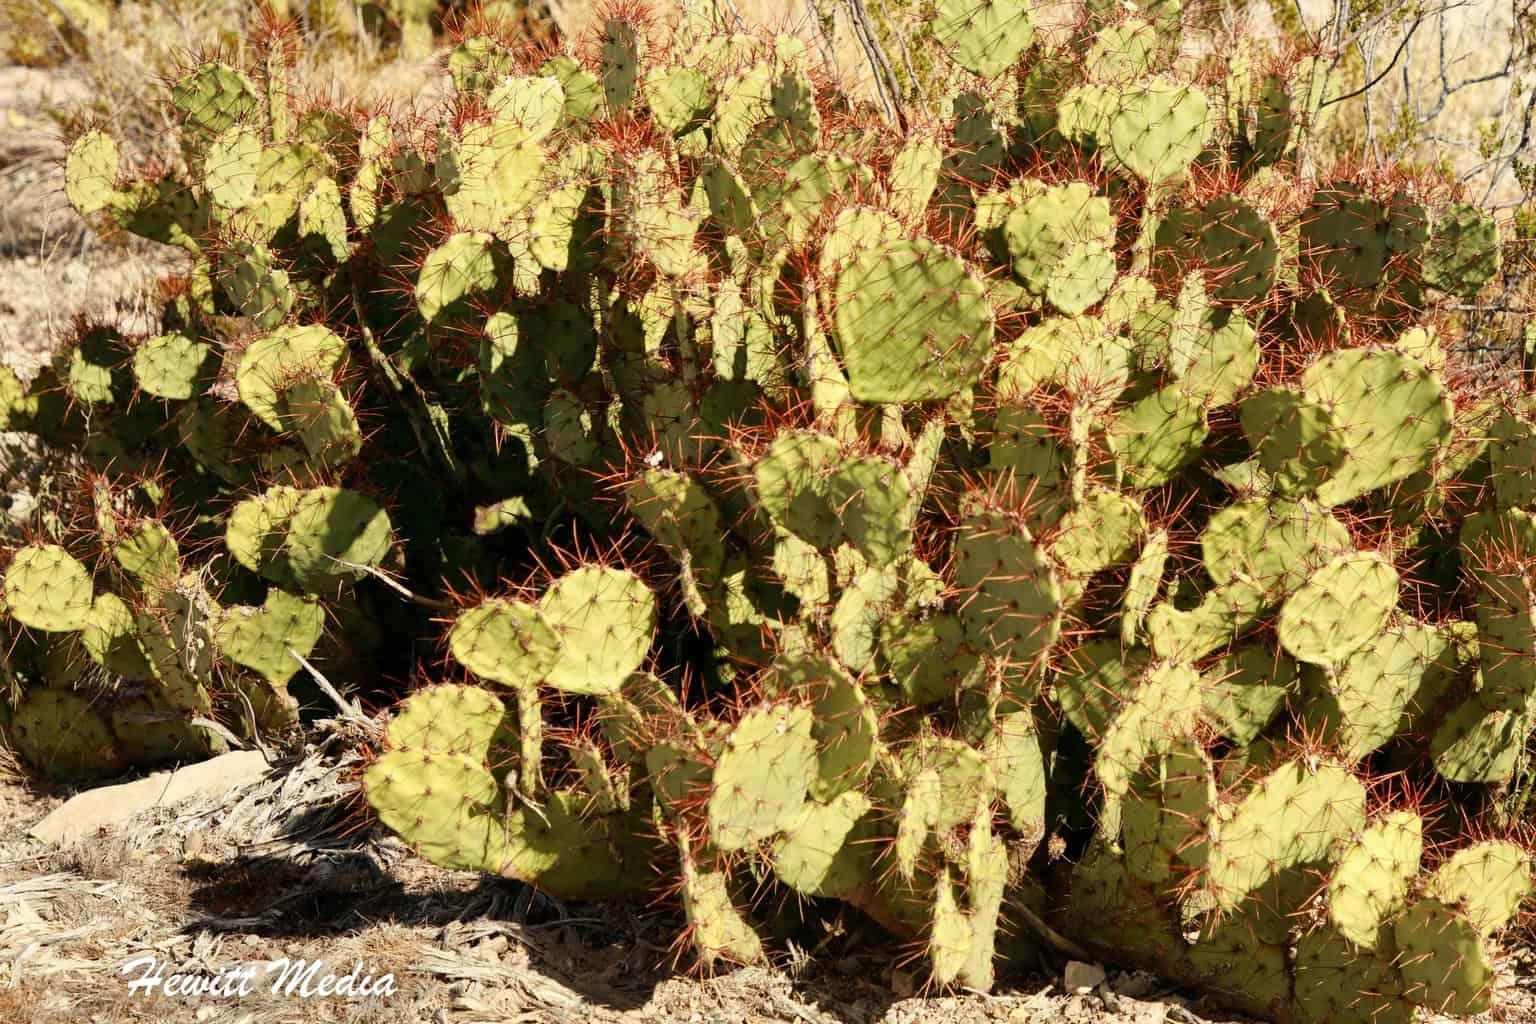 Cactus inside of Big Bend National Park